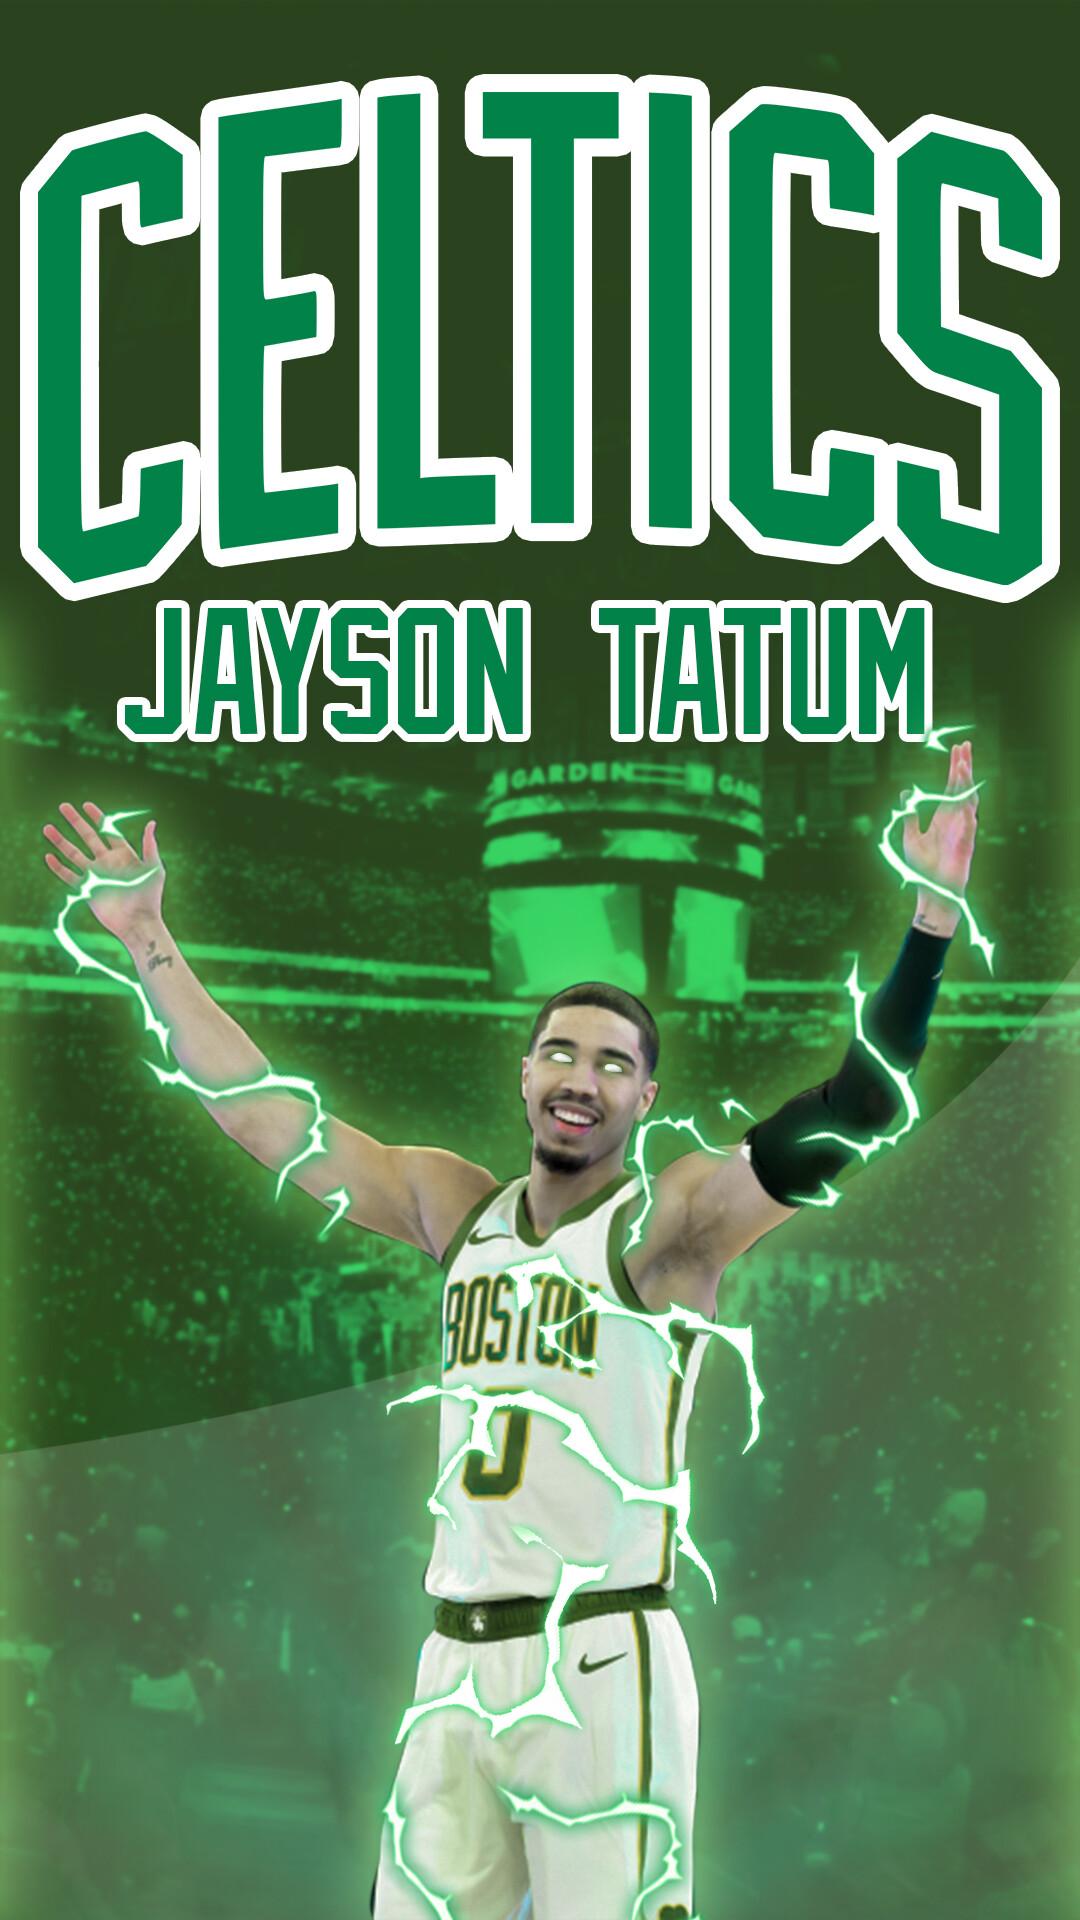 Helder sousa - Celtics Wallpaper Jay Tatum